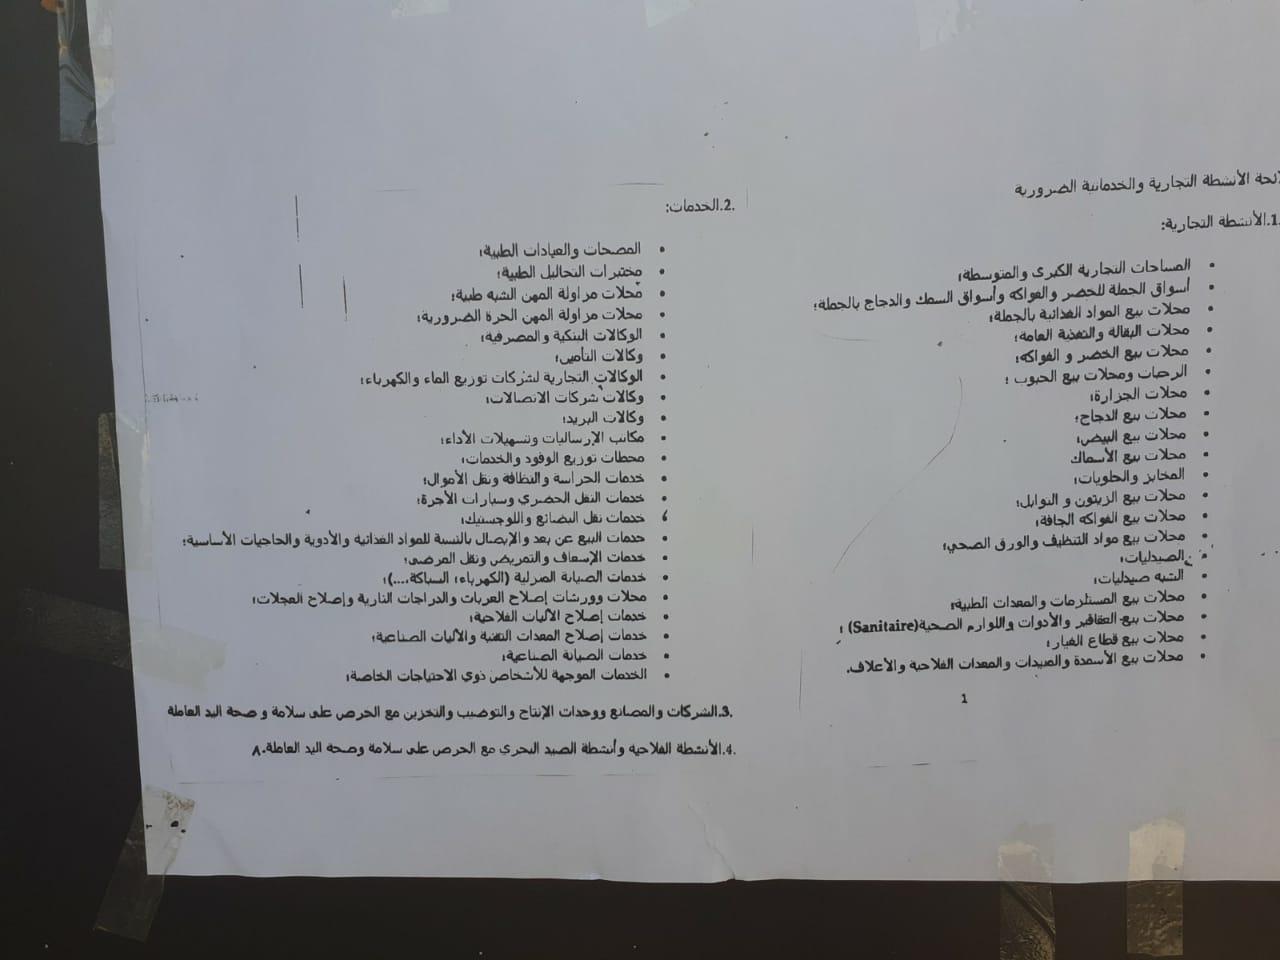 الترخيص بعودة بعض الأنشطة المهنية رغم ظروف الحجر